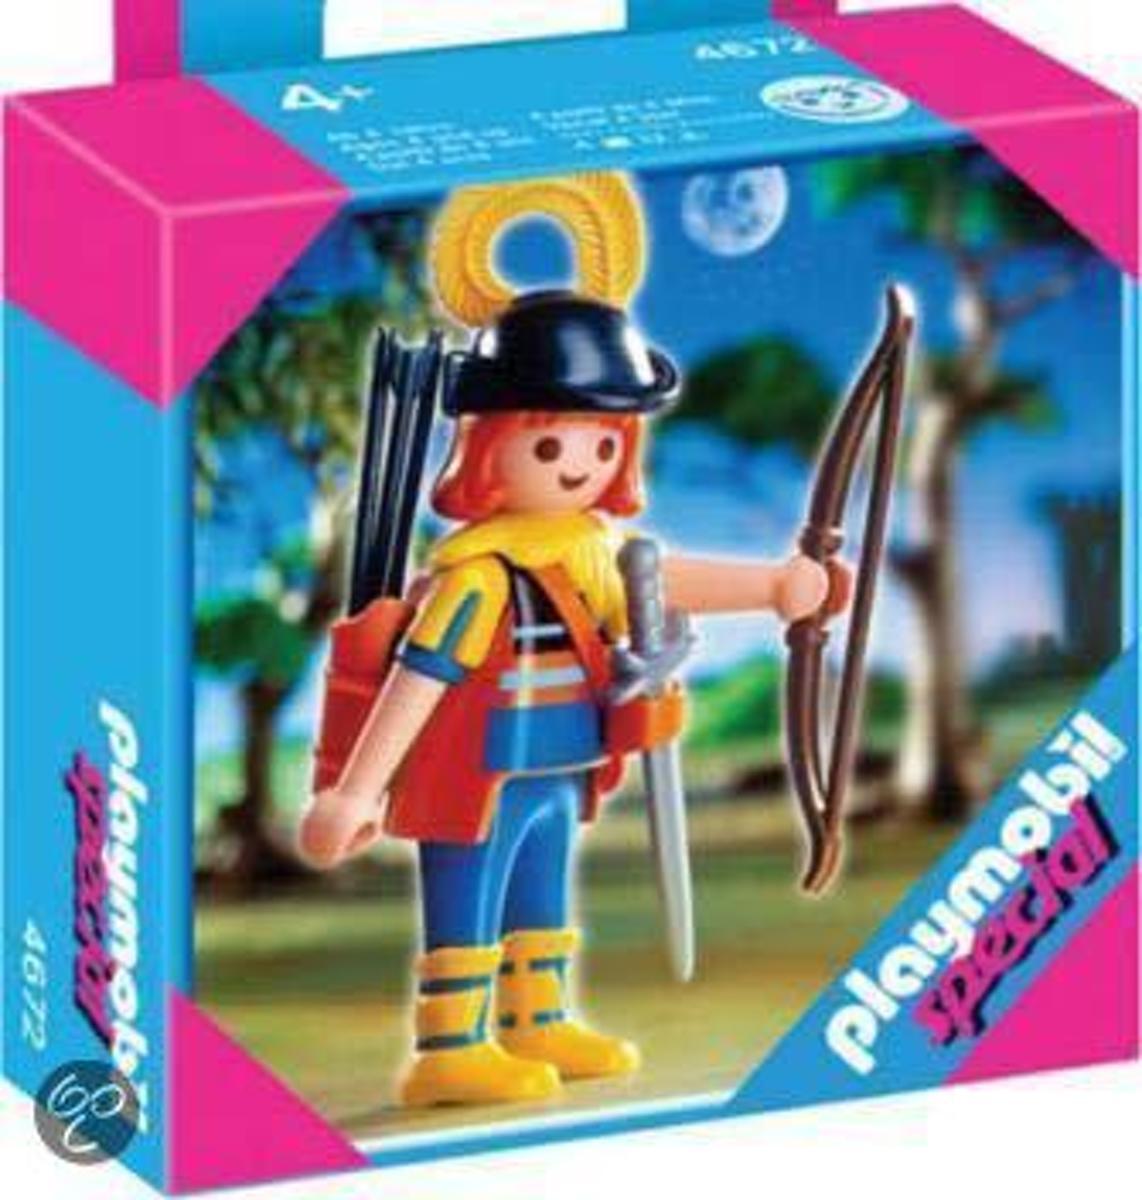 Playmobil Boogschutter